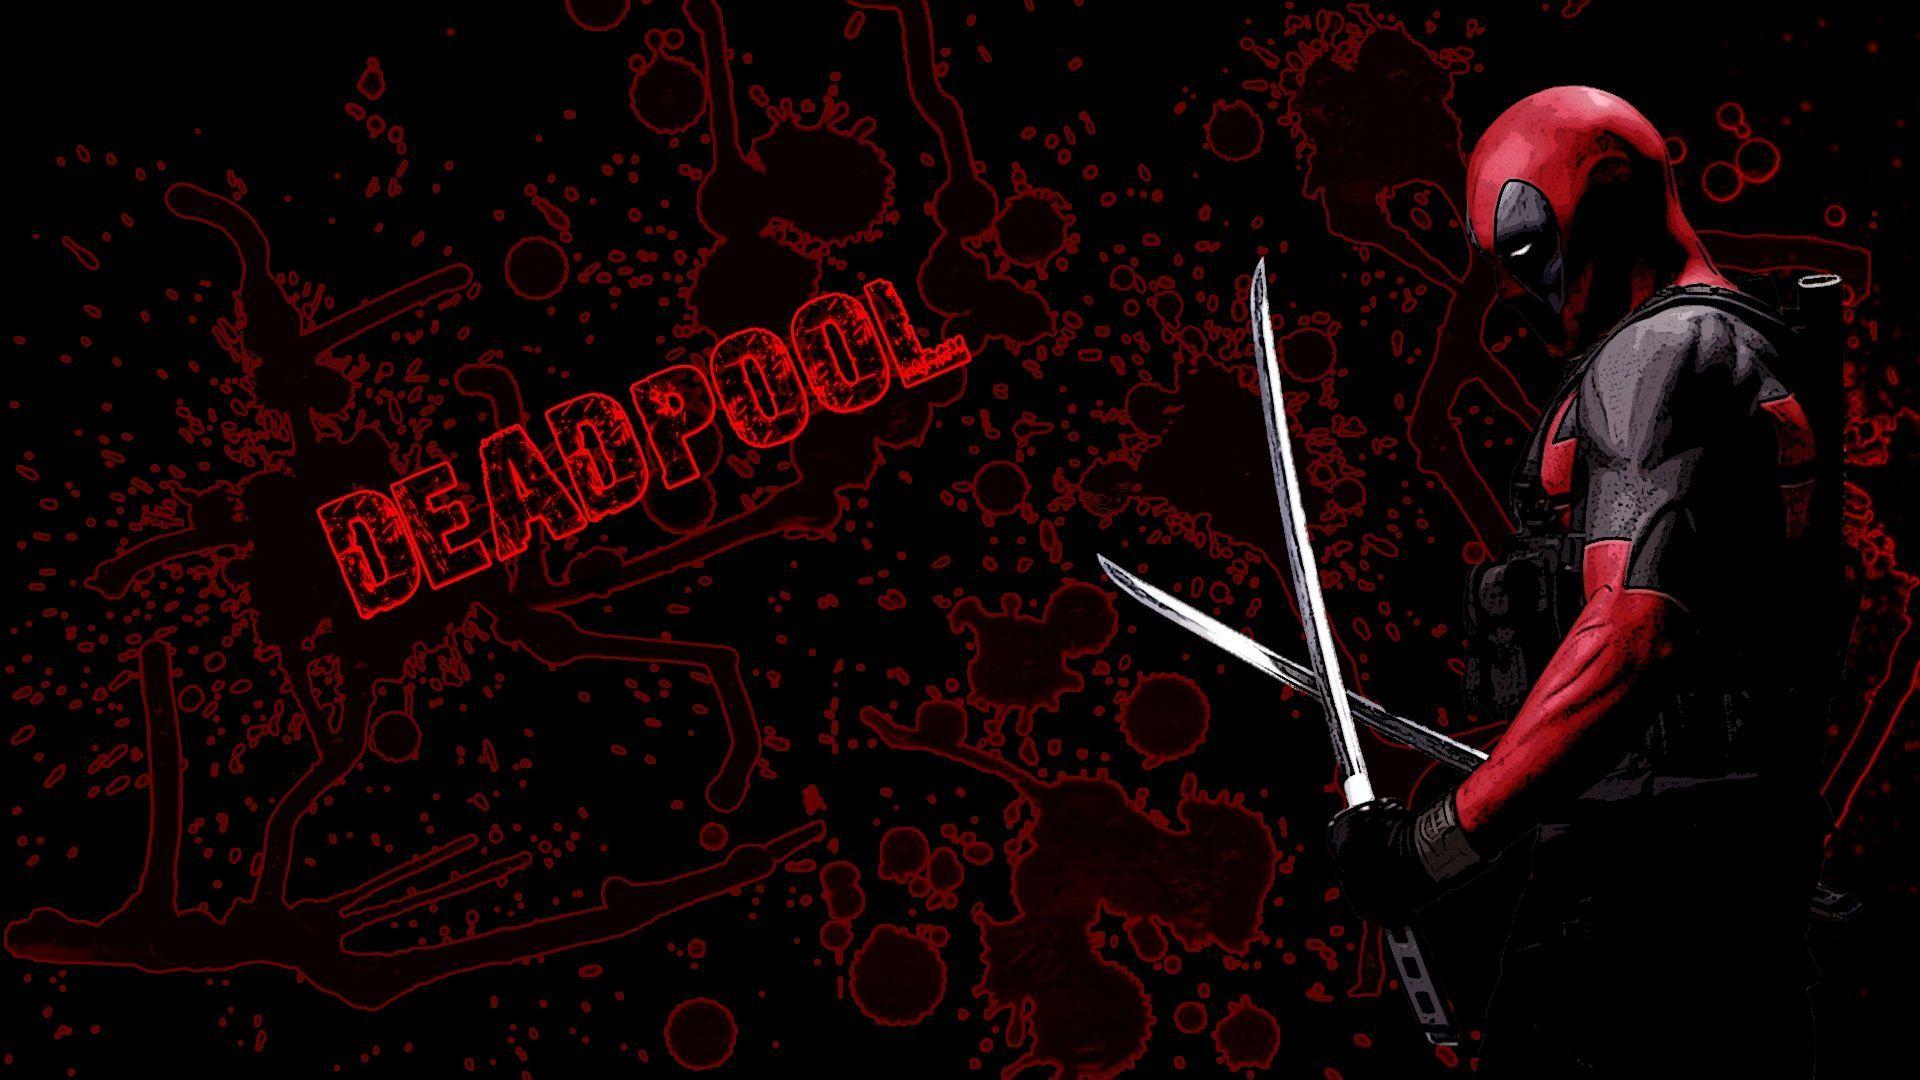 En su primera aparición en un comic, Deadpool es contratado para encontrar y matar a un personaje ¿Cuál?